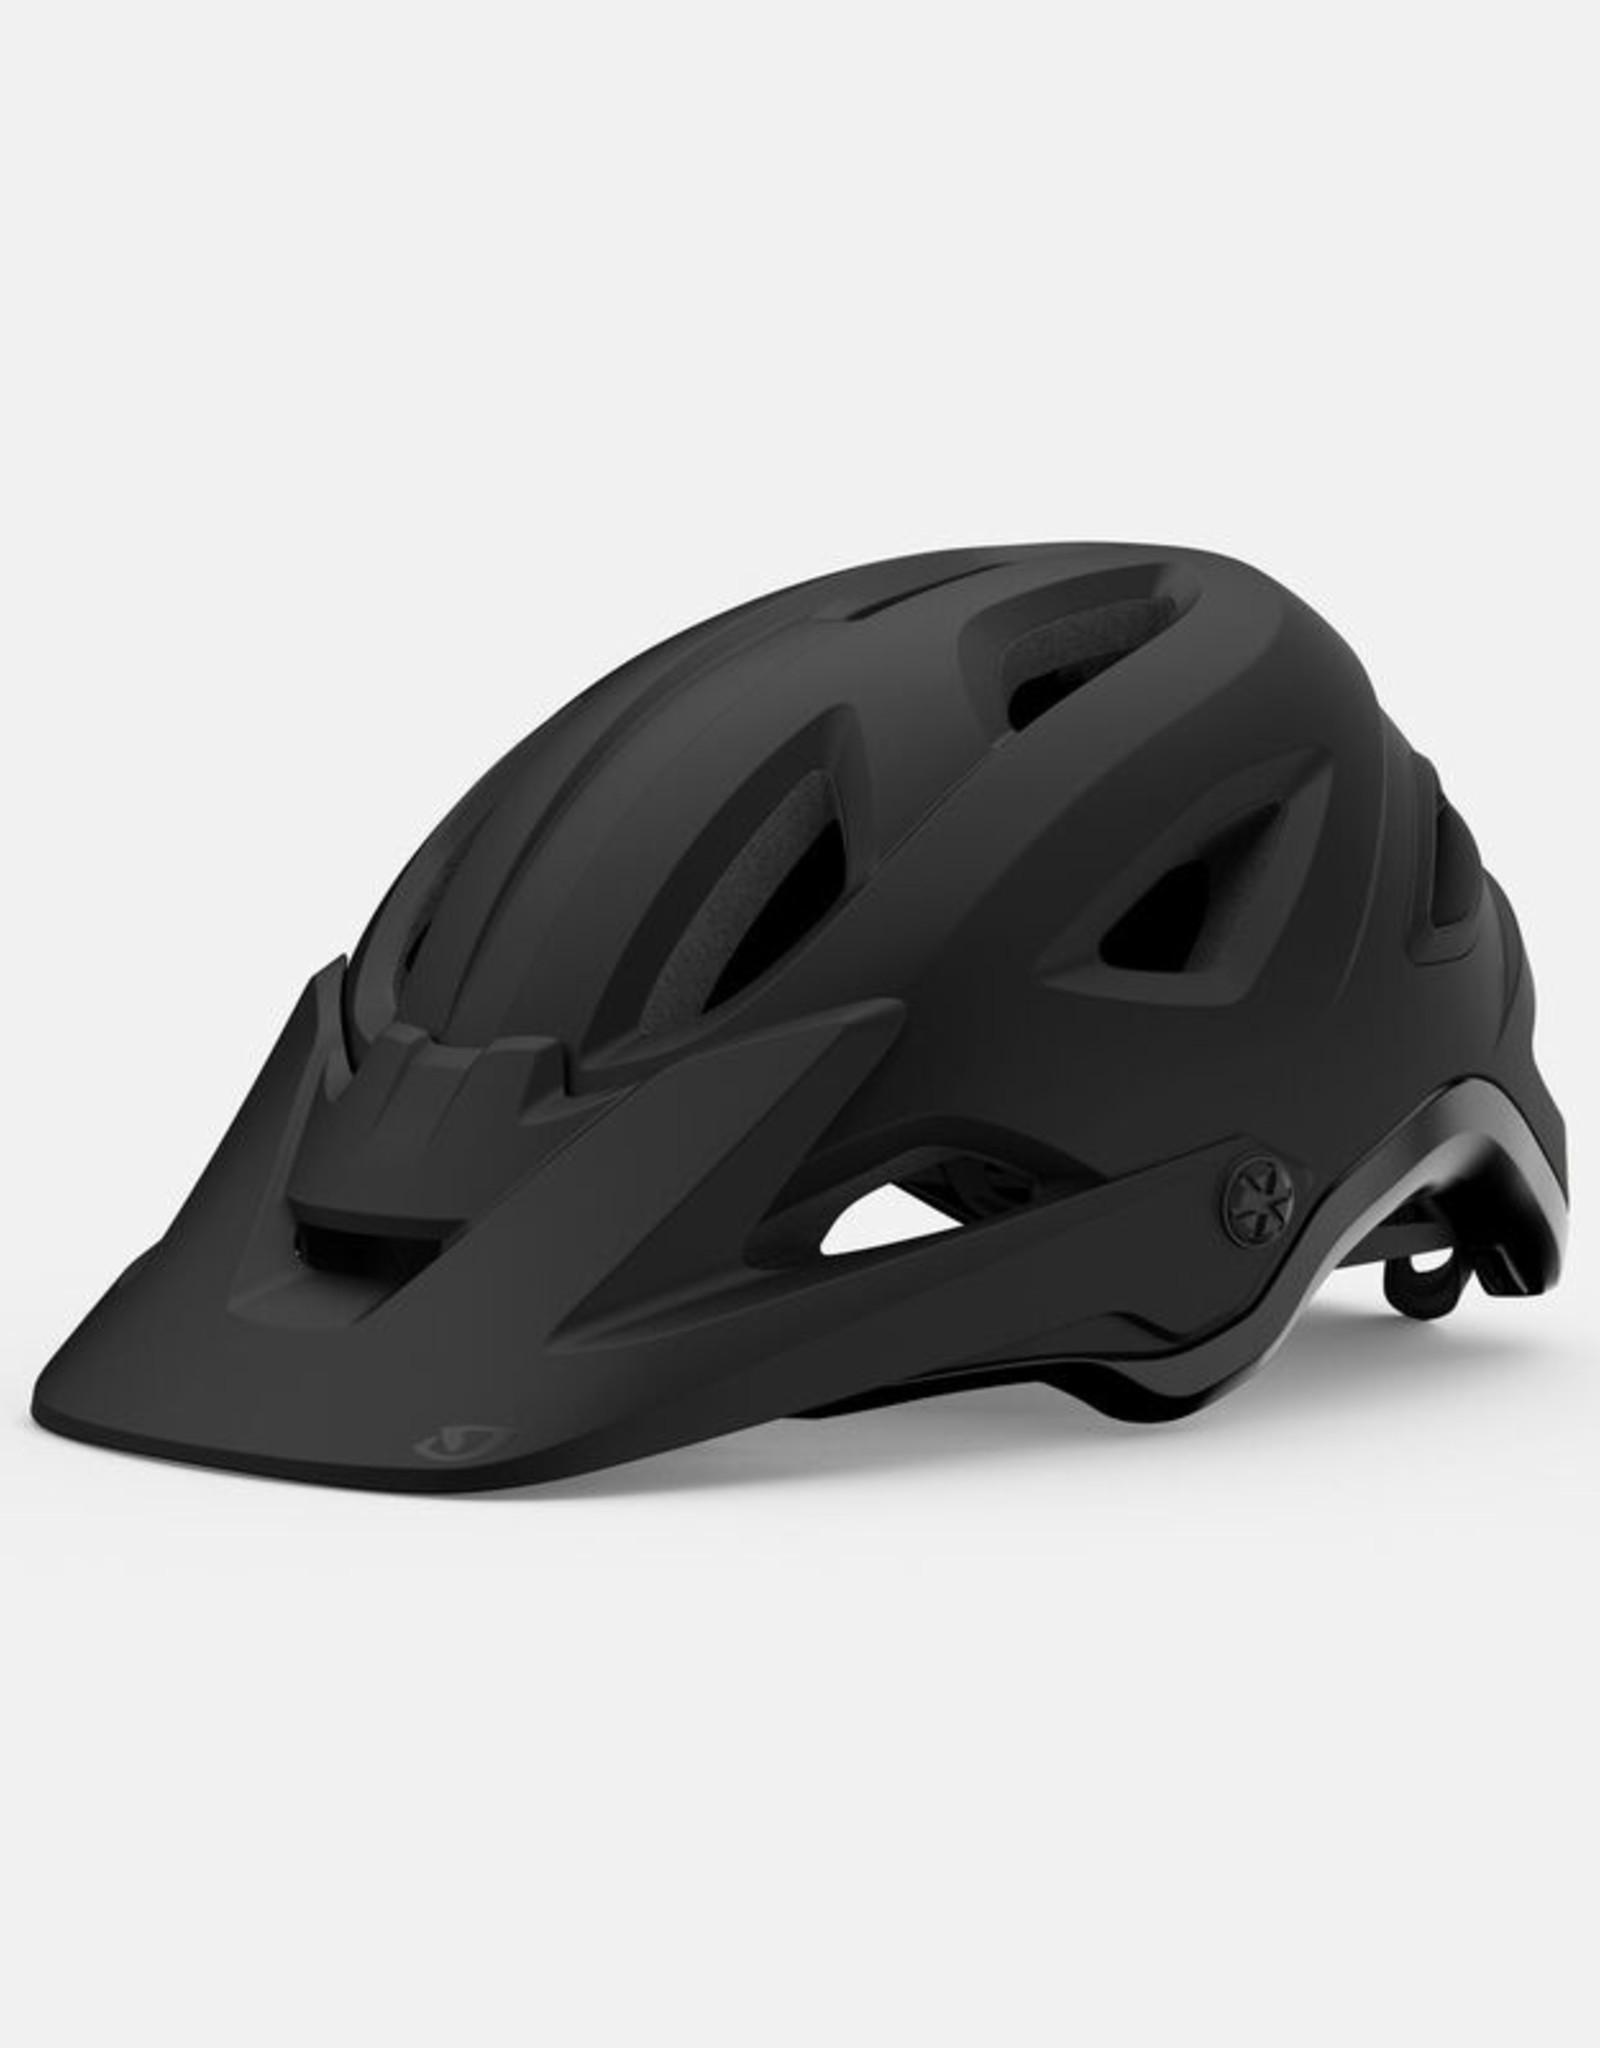 Giro Giro Montaro MIPS Bike Helmet